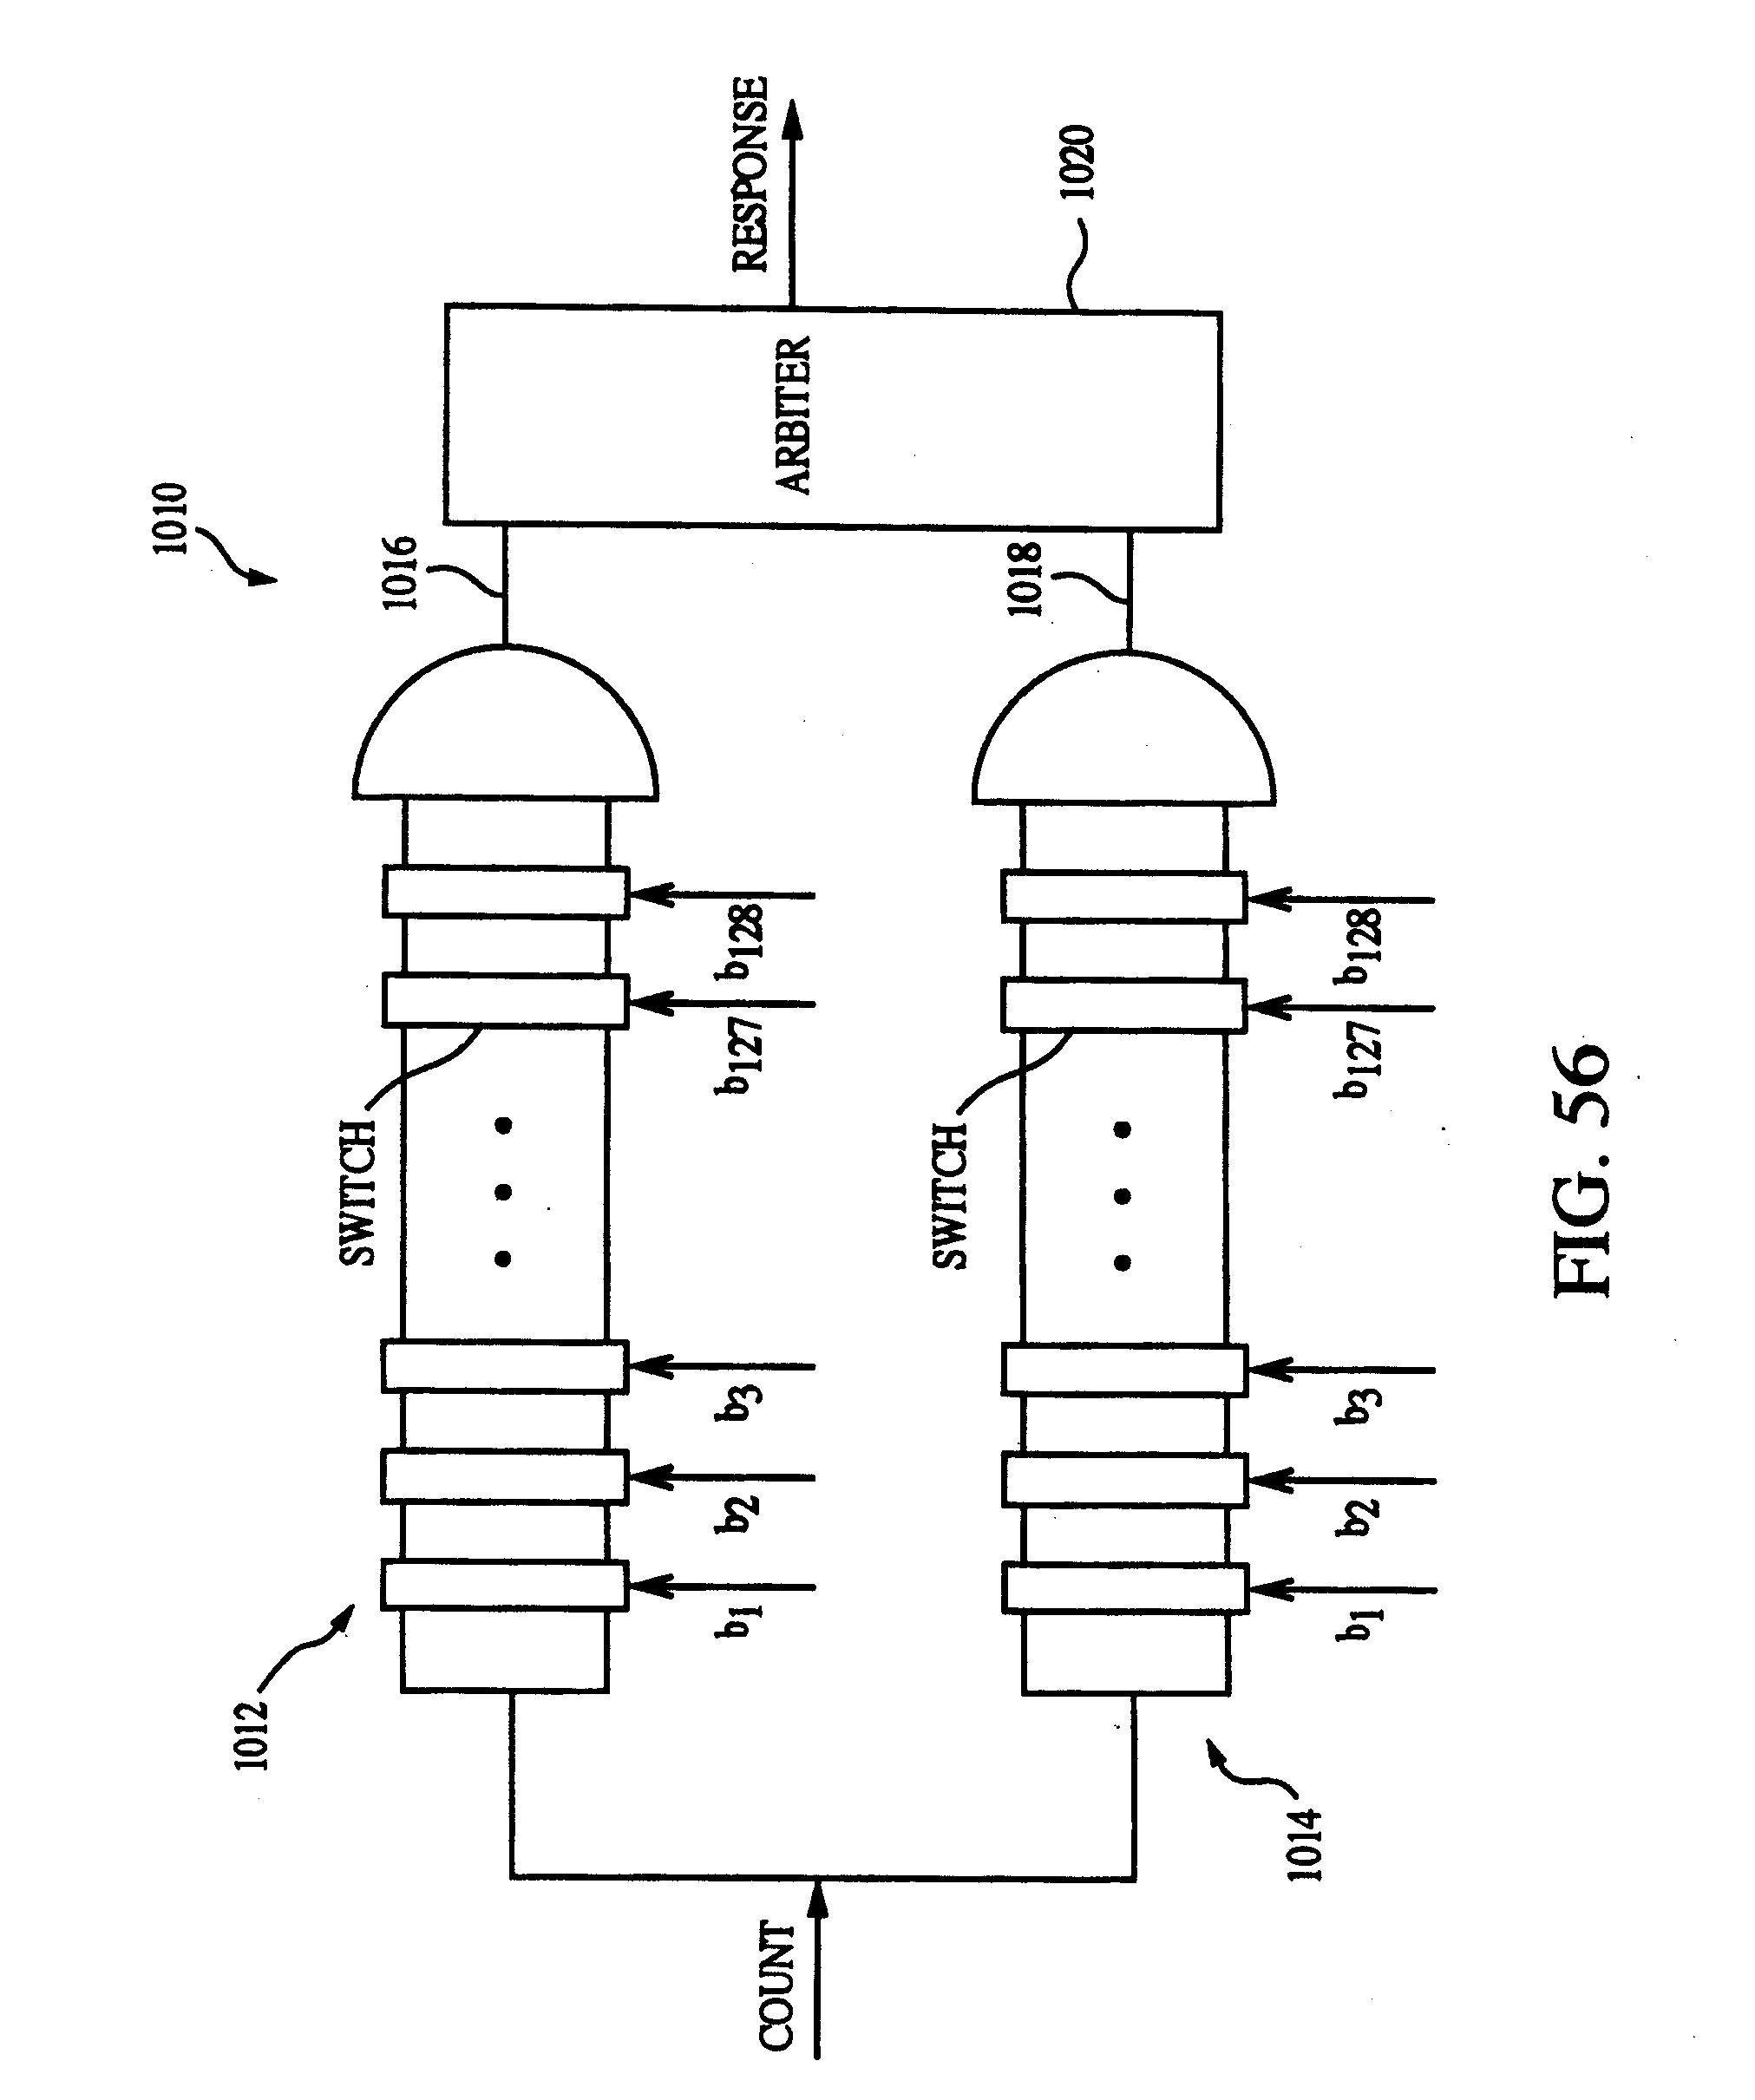 patent us20060221686